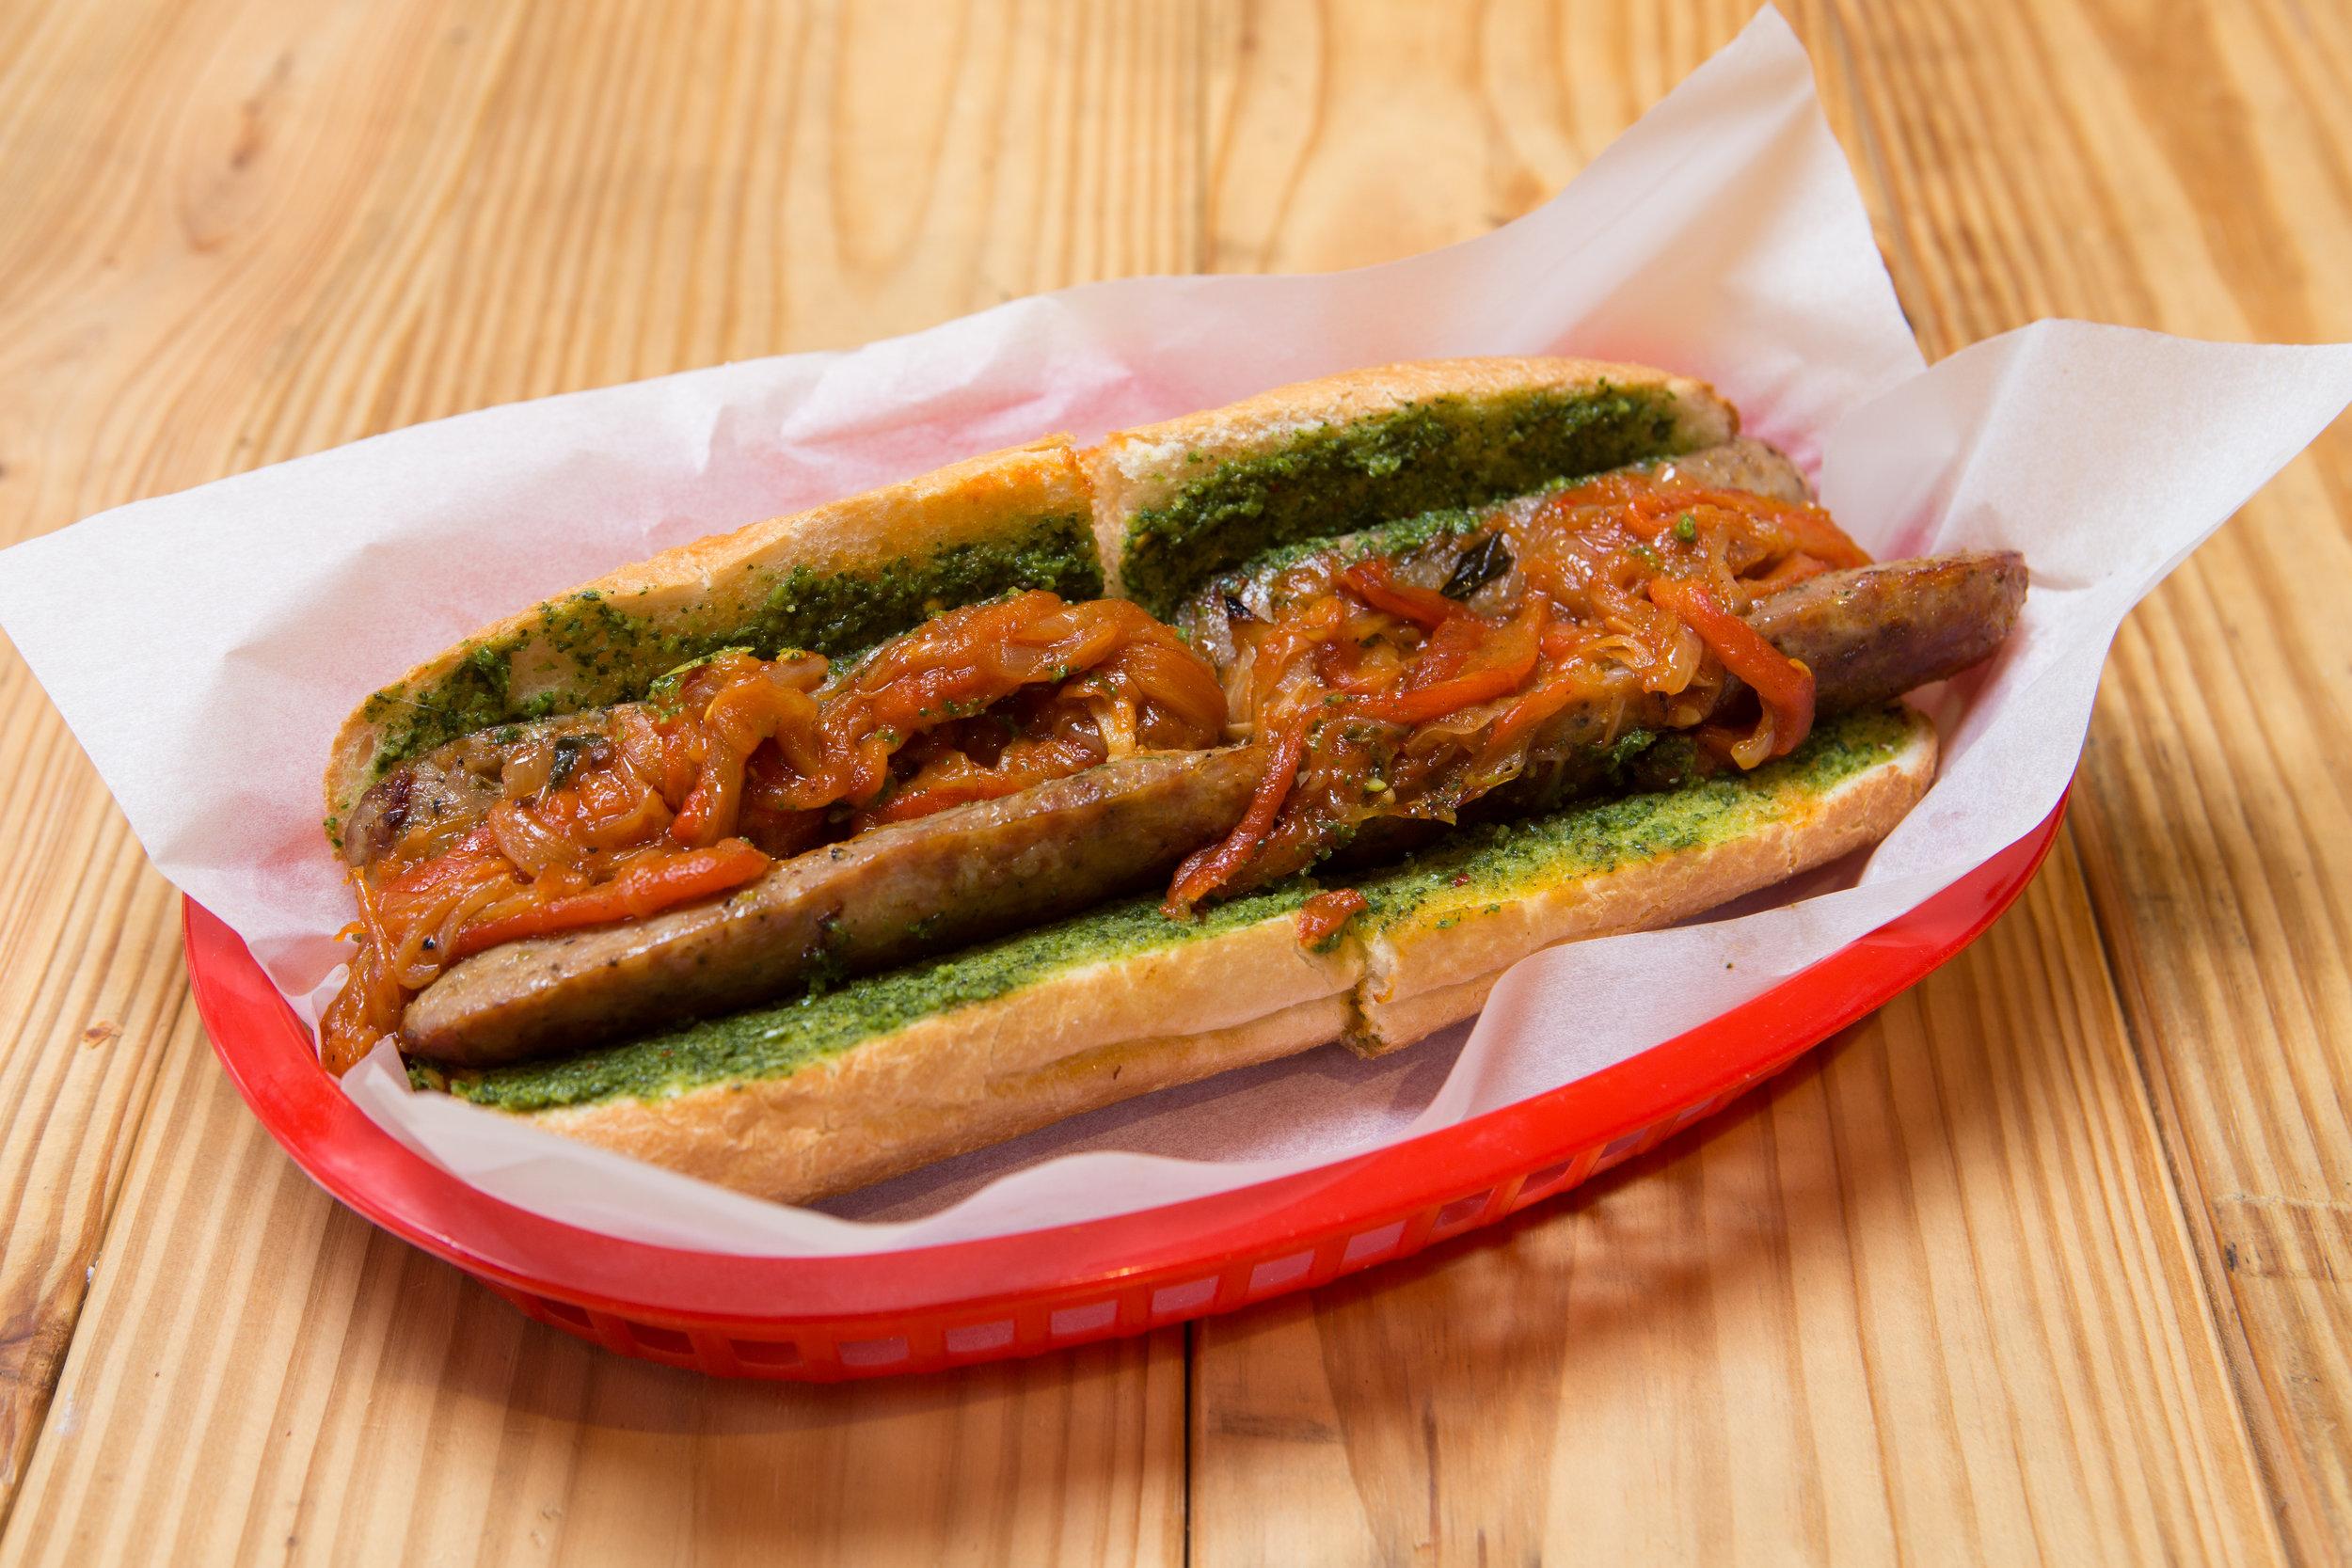 Sausage Sandwich.jpg